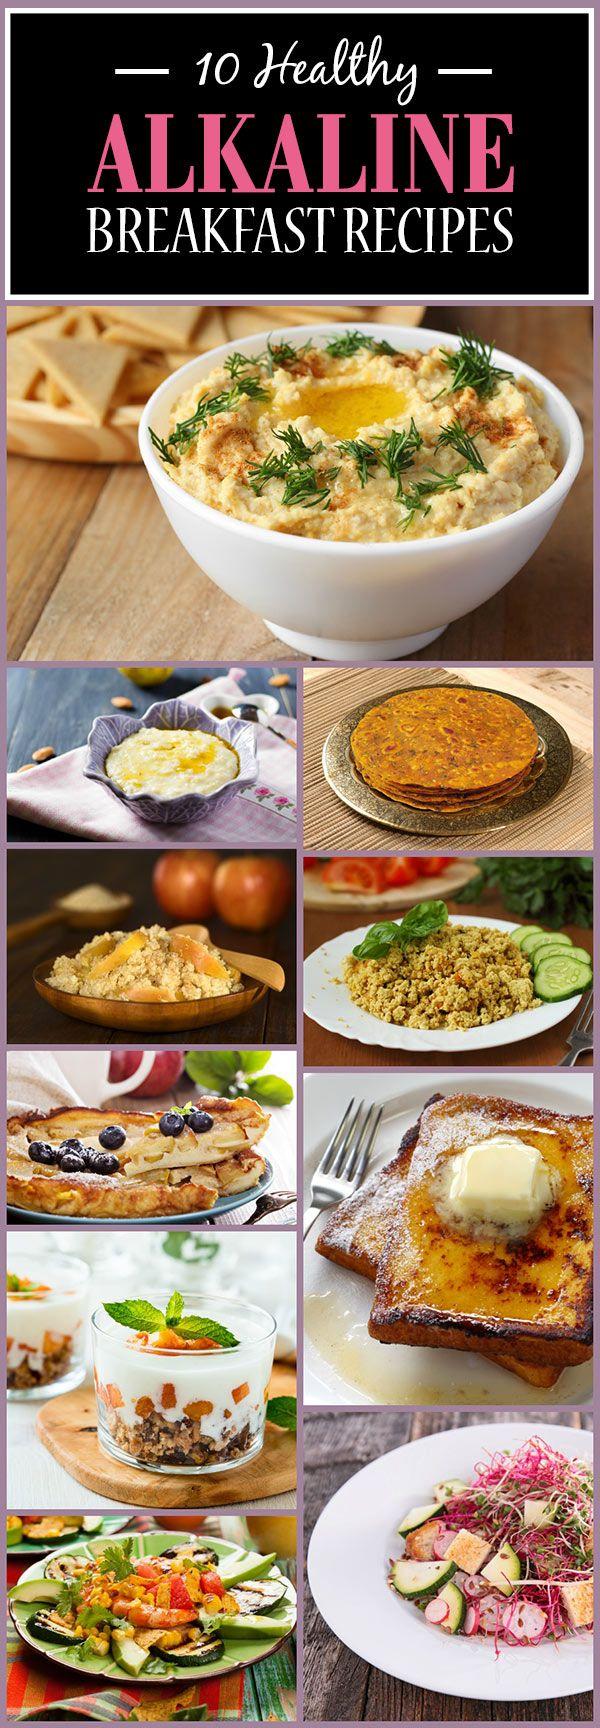 10 Recettes santé petit déjeuner alcaline vous devez essayer